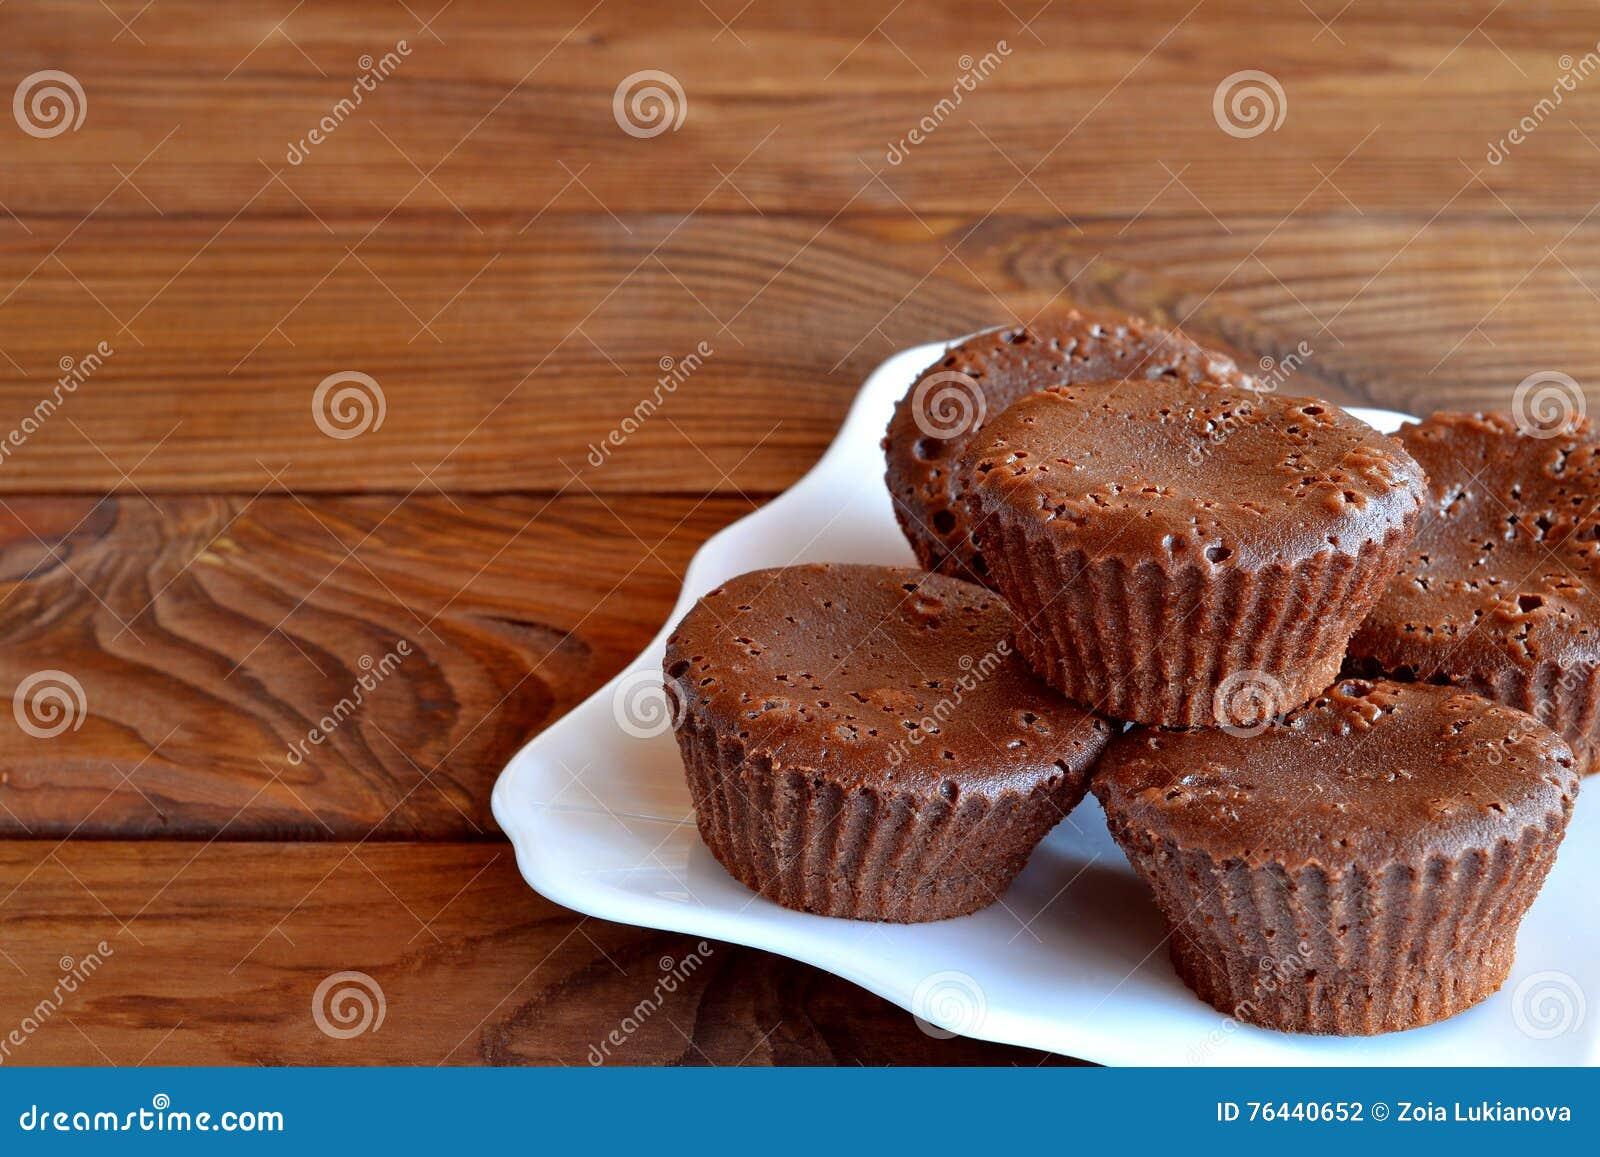 Idée De Dessert Facile.Petits Pains De Chocolat Idée Facile Pour Le Dessert